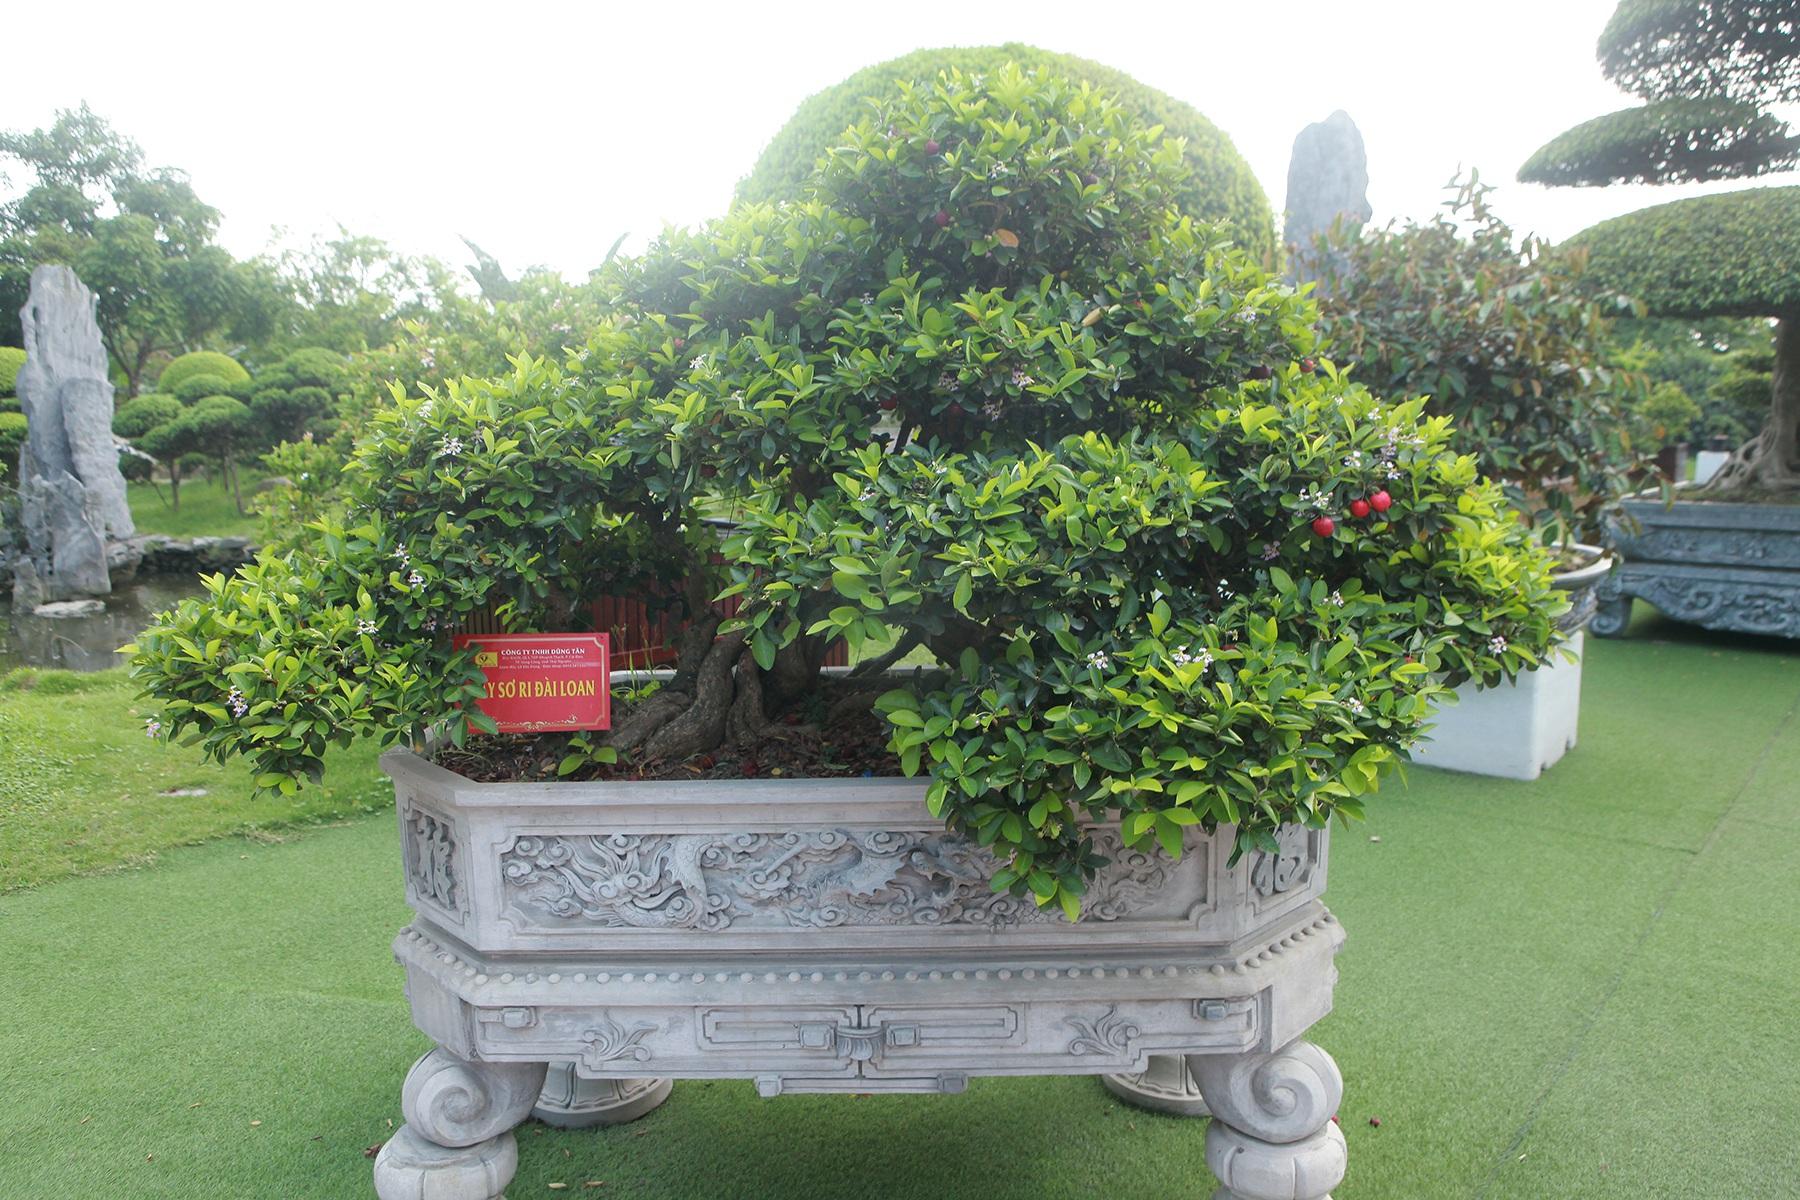 """Dàn sơ ri bonsai cổ thụ, trĩu quả giá tiền tỷ của """"tướng cướp hoàn lương"""" - 4"""